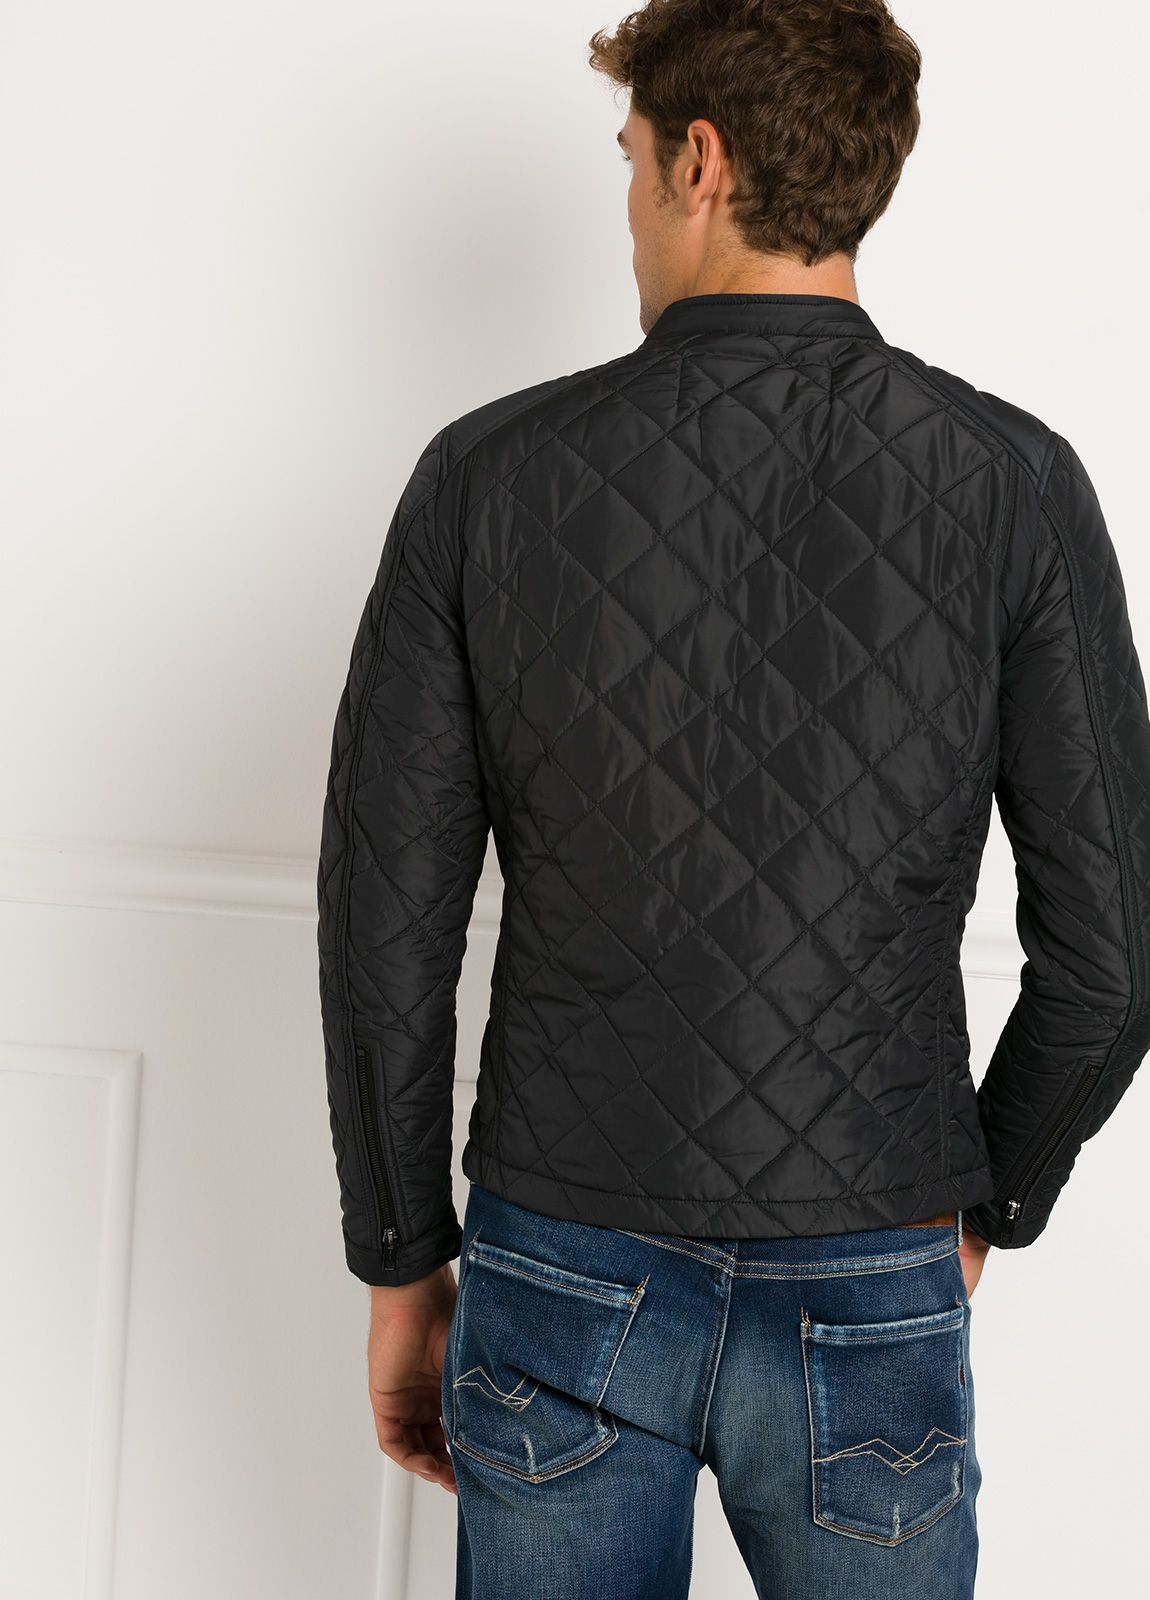 Cazadora corta, acolchada con bolsillos y cremallera, color negro. 100% Poliamida. - Ítem1